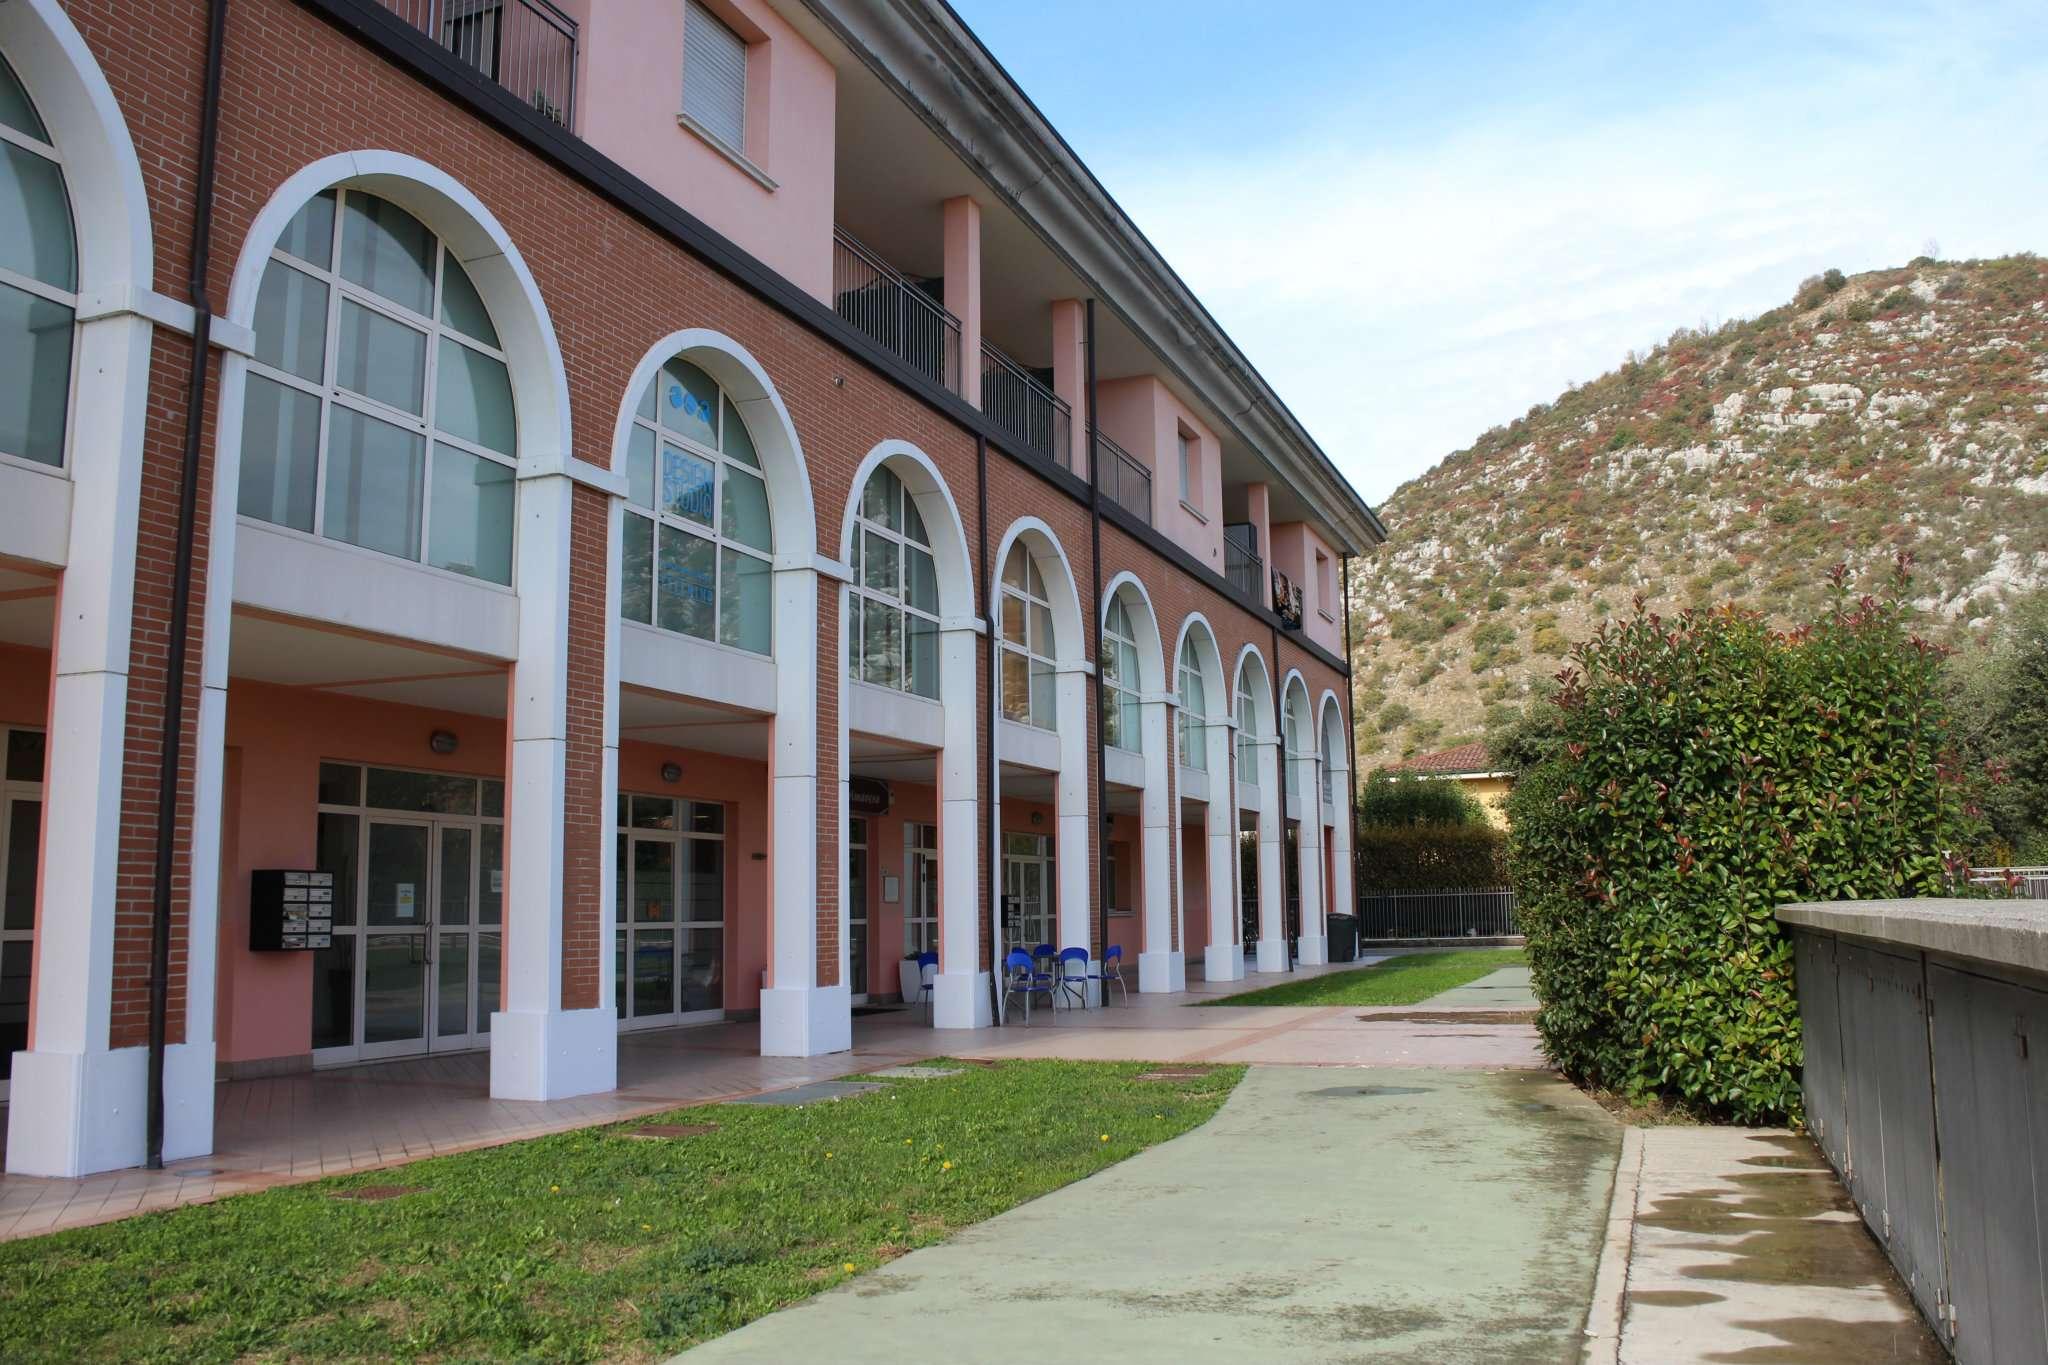 Negozio / Locale in affitto a Mazzano, 2 locali, prezzo € 500 | CambioCasa.it